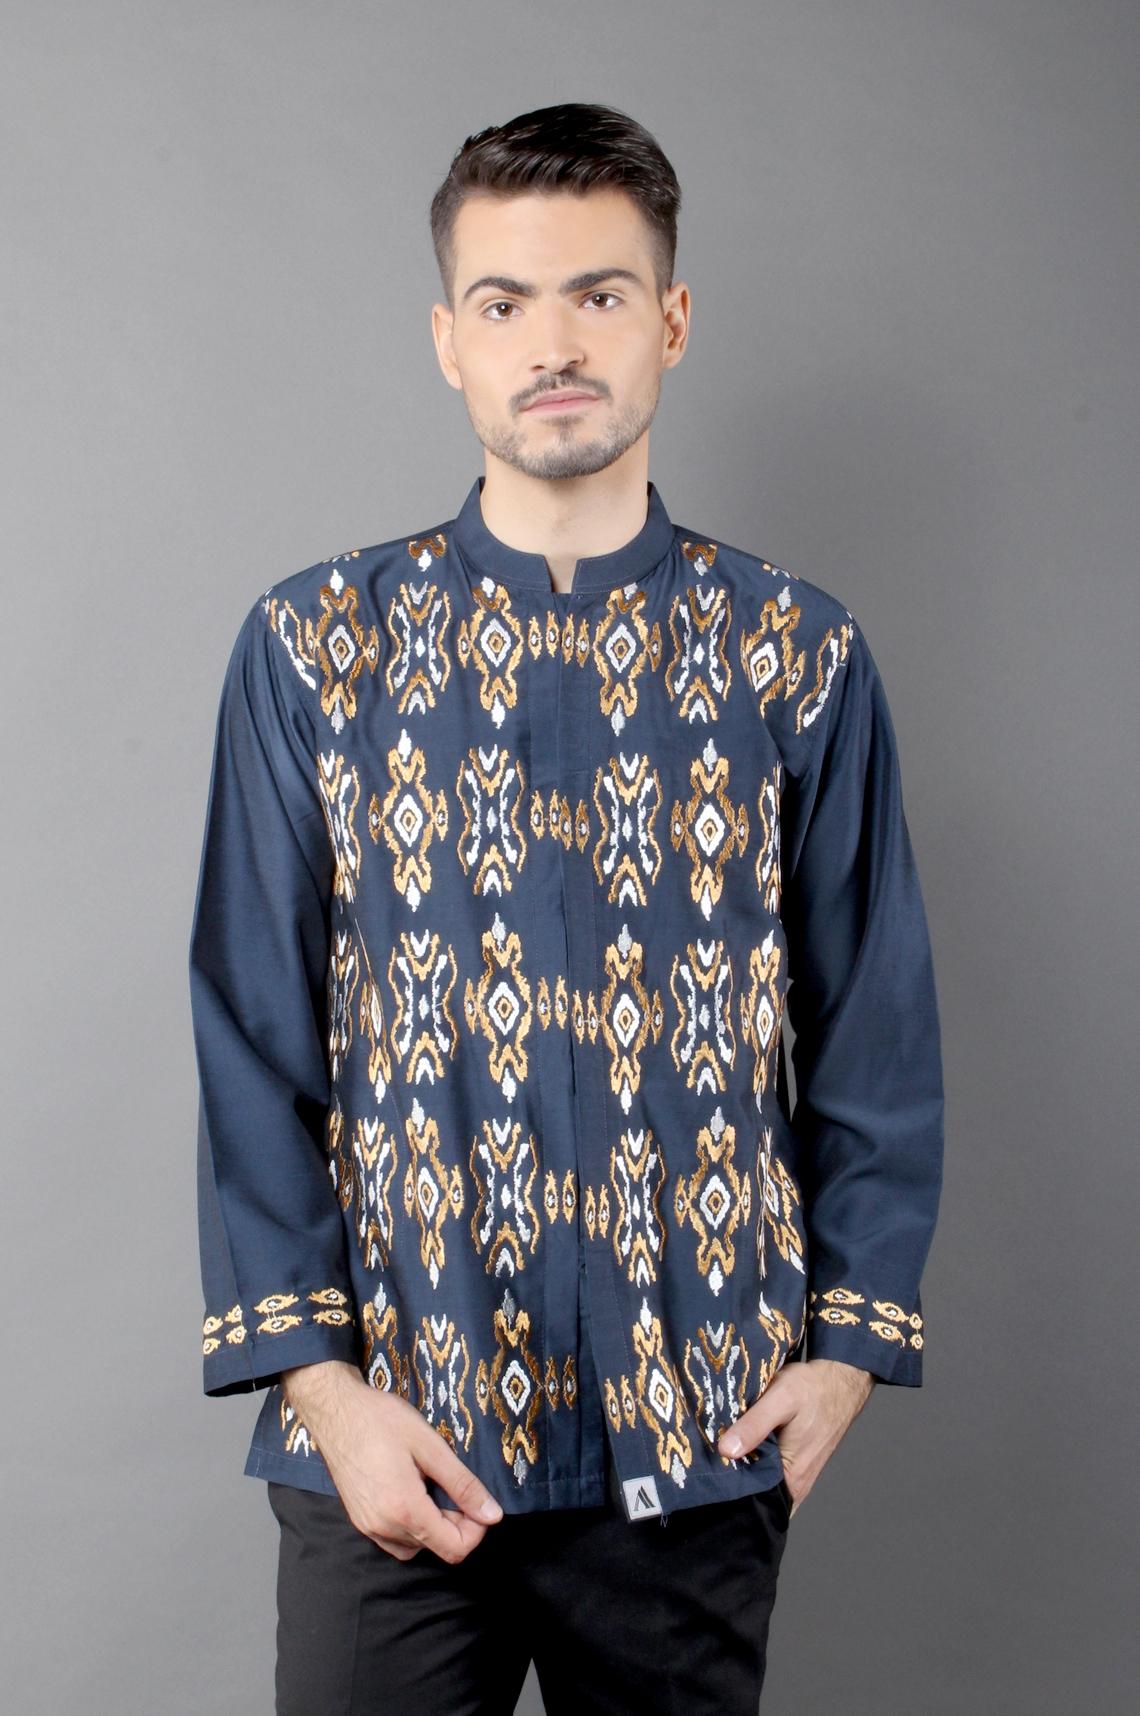 Baju Batik Pria Lengan Panjang dengan Kombinasi Kain Polos